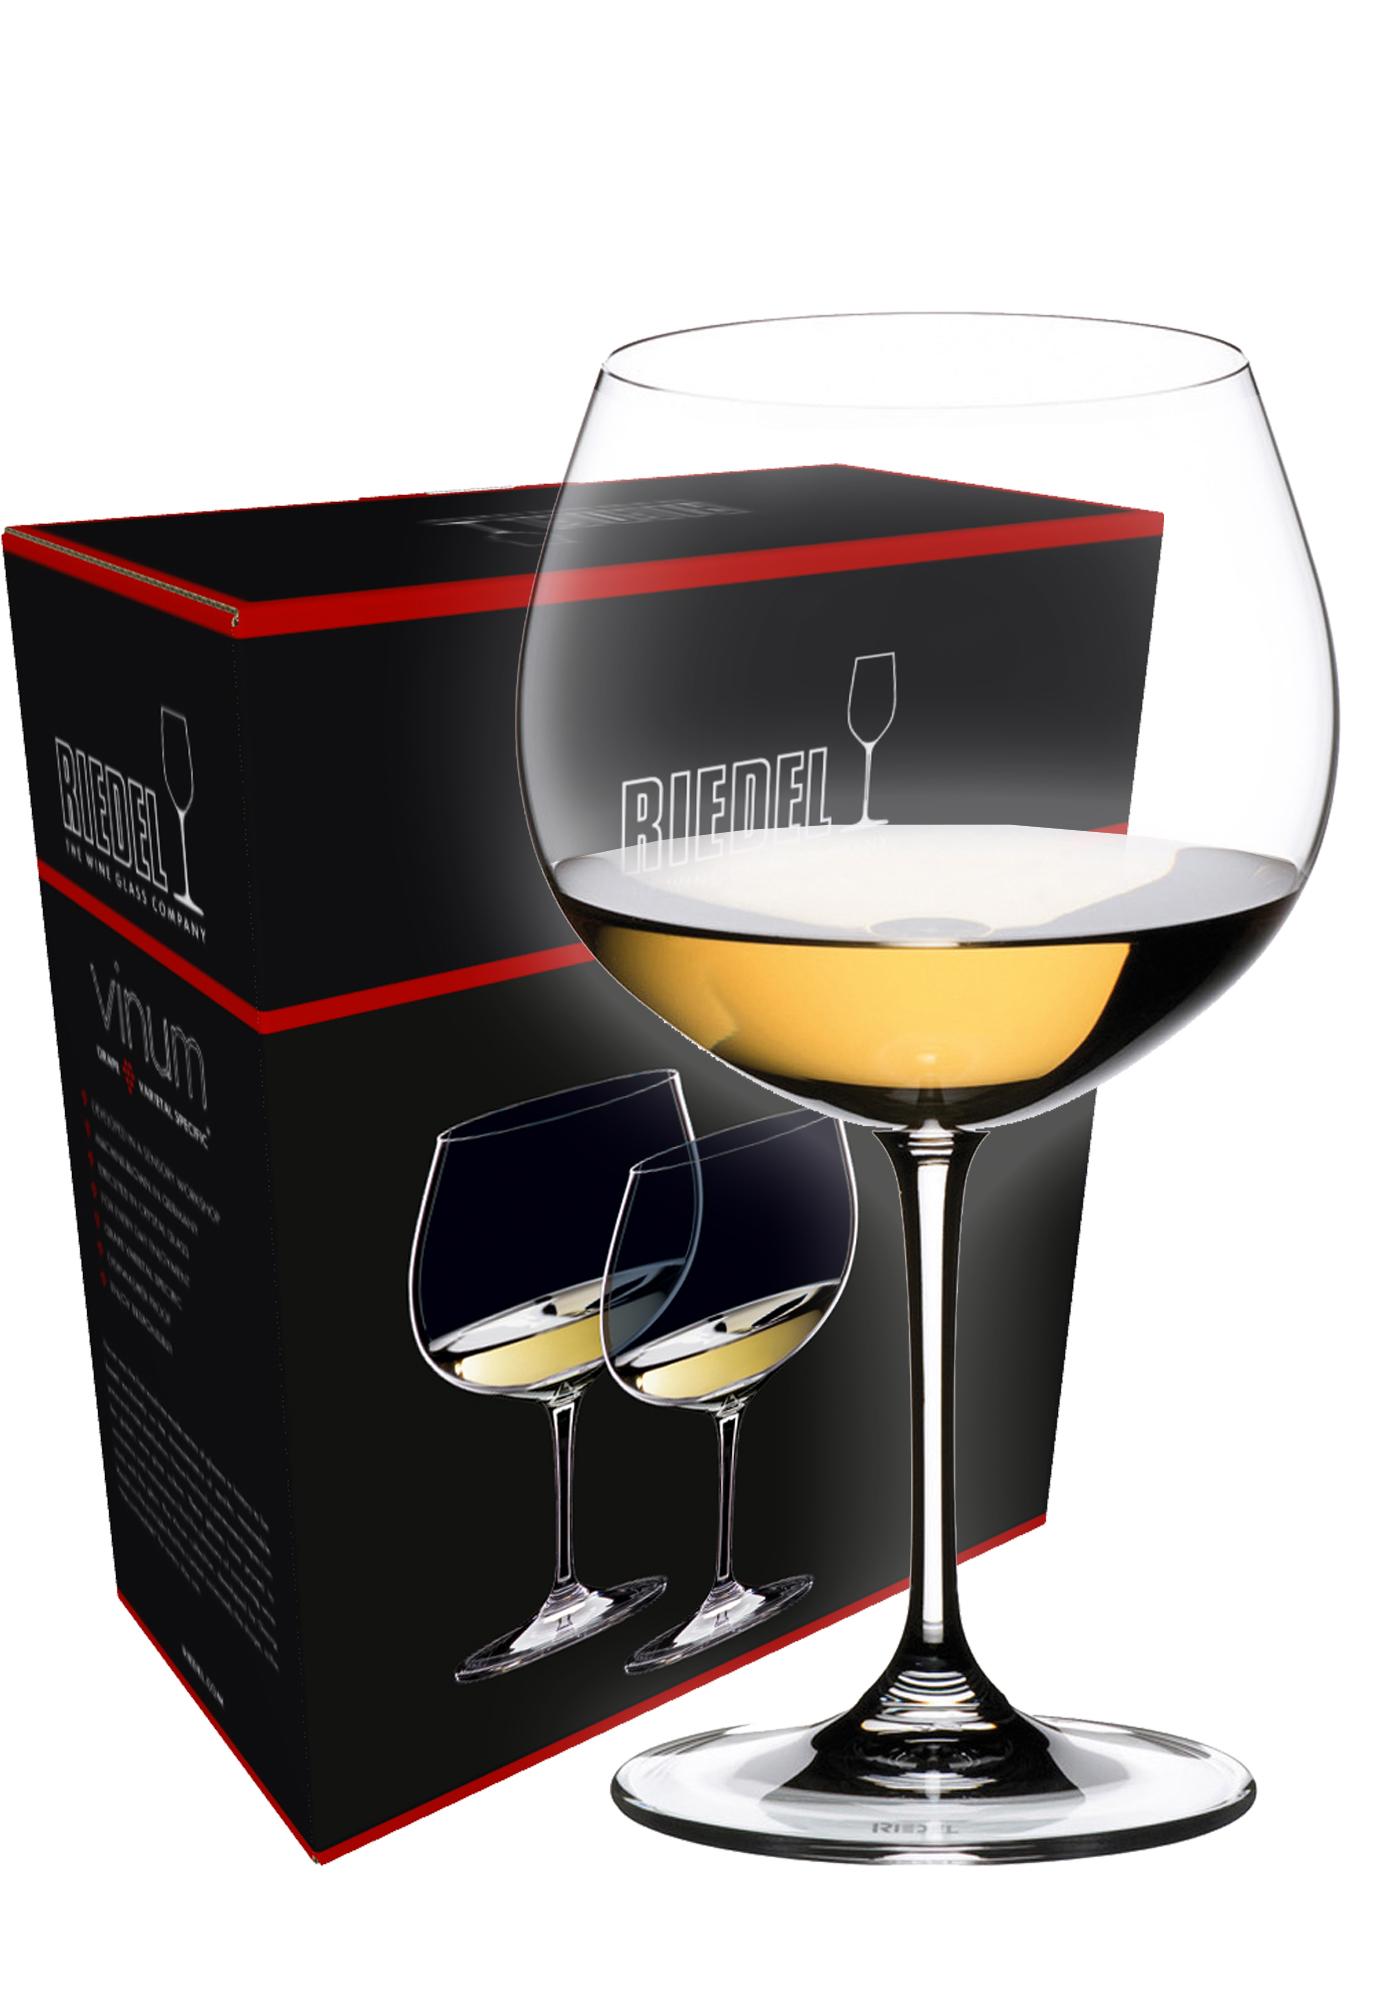 Riedel Vinum Oaked Chardonnay Montrachet wijnglas (set van 2 voor € 44,90)